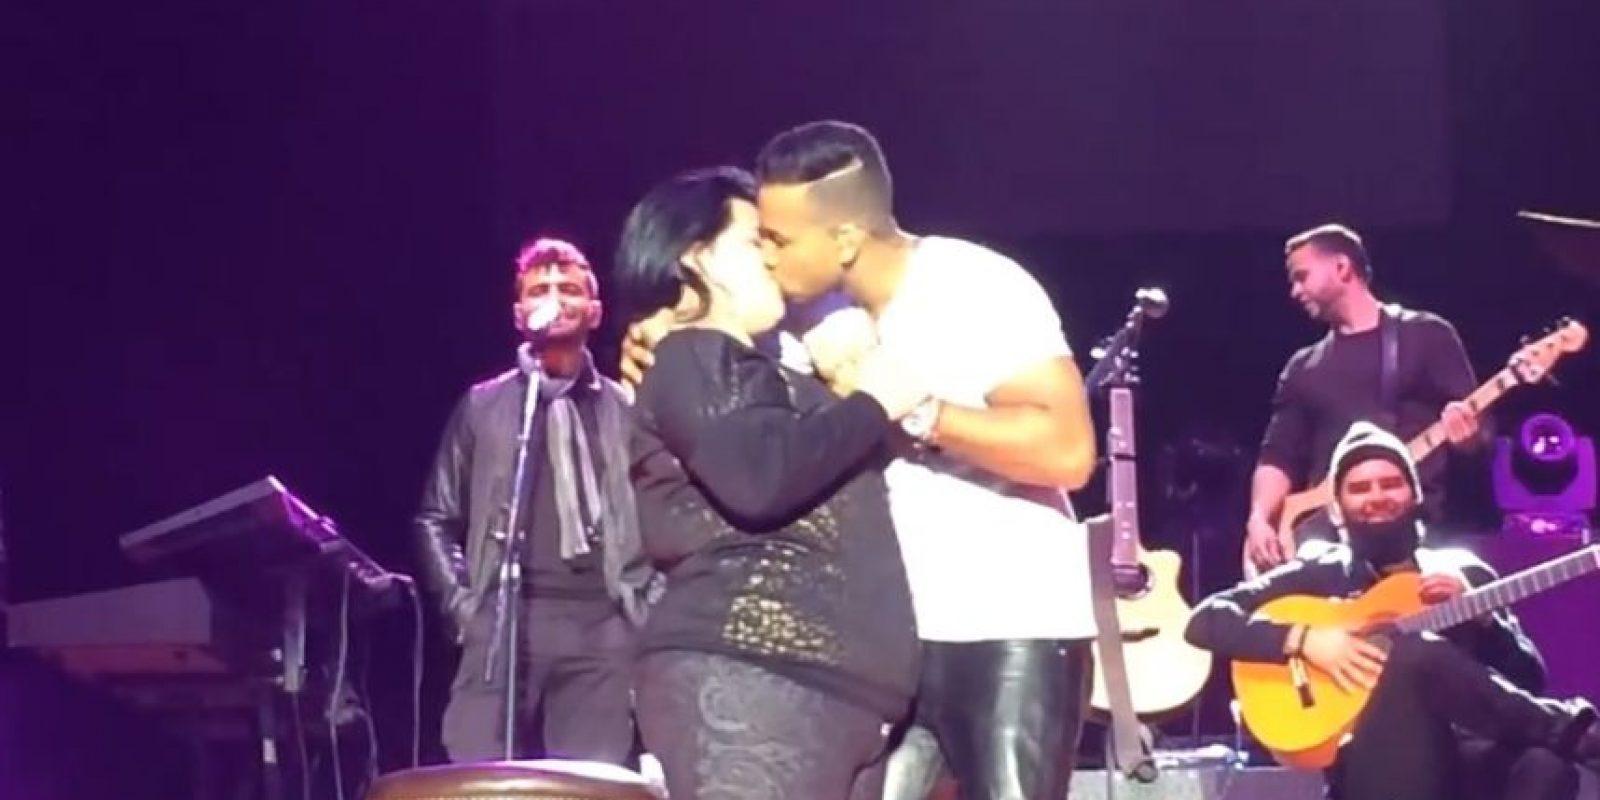 También las besa y llega a compartir momentos especiales con ellas. Foto:Youtube